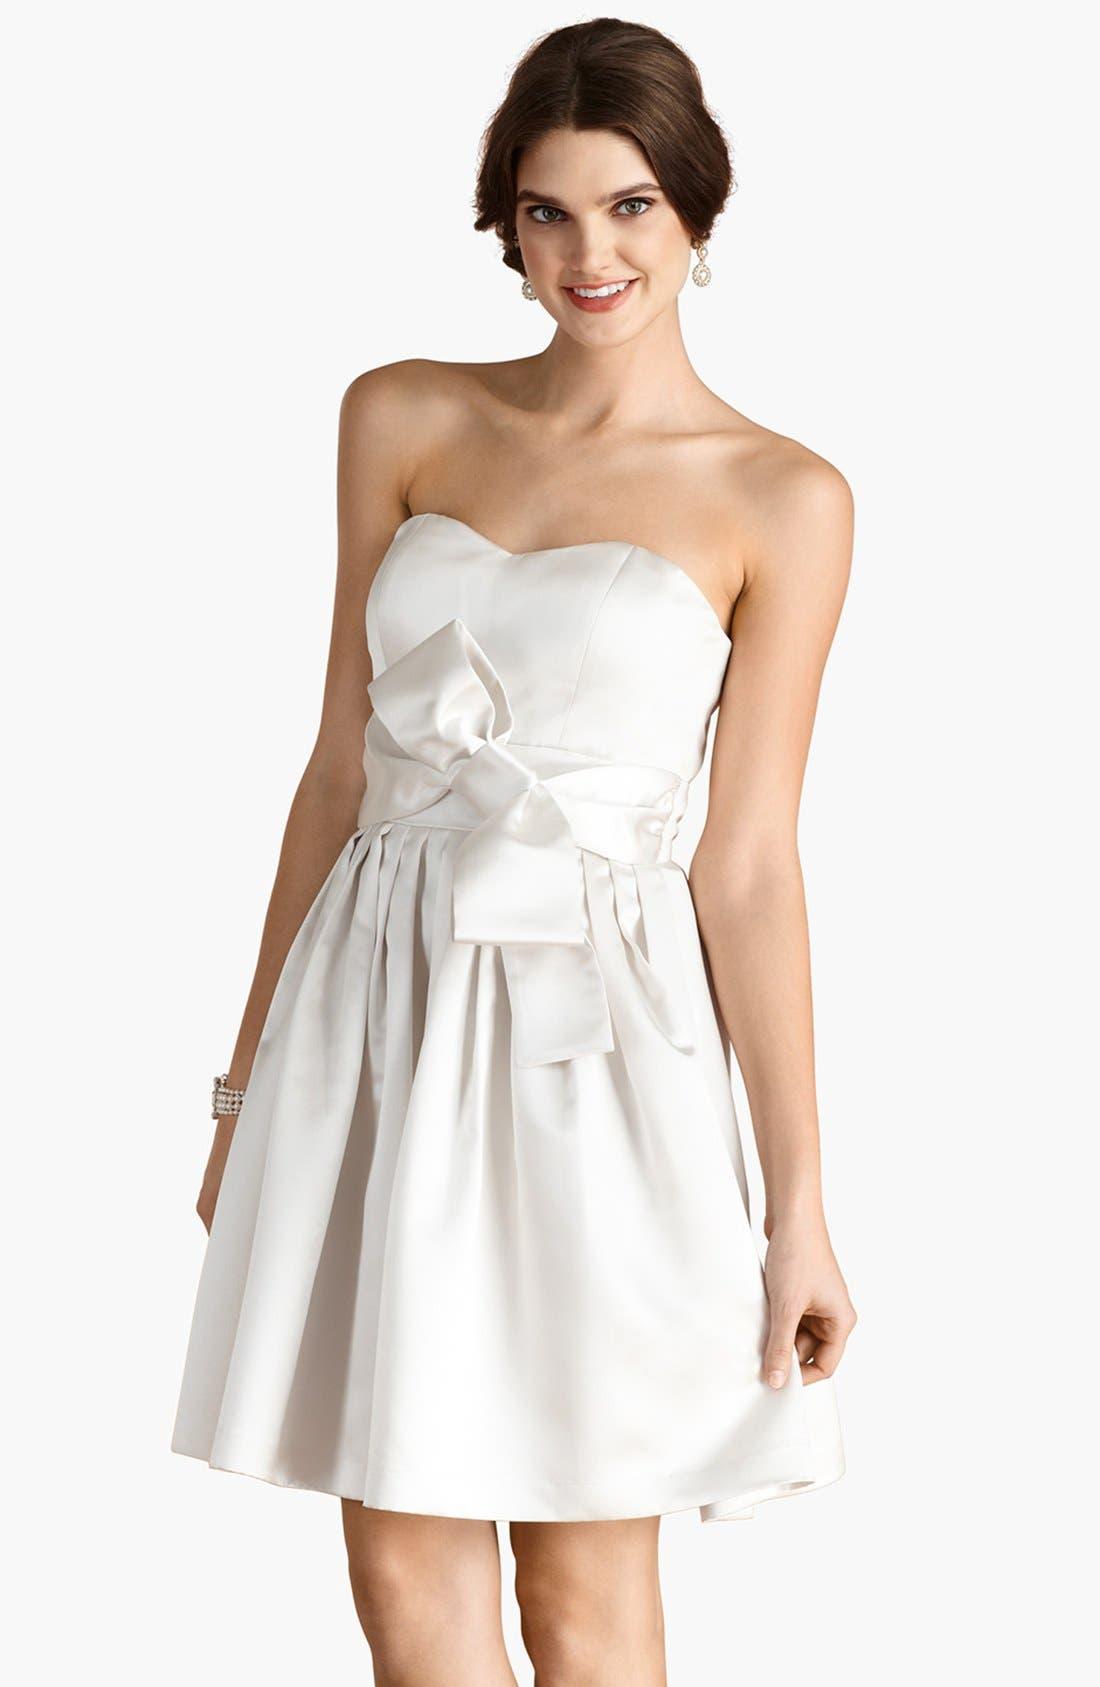 Alternate Image 1 Selected - Donna Morgan 'Samantha' Belted Satin Fit & Flare Dress (Online Only)